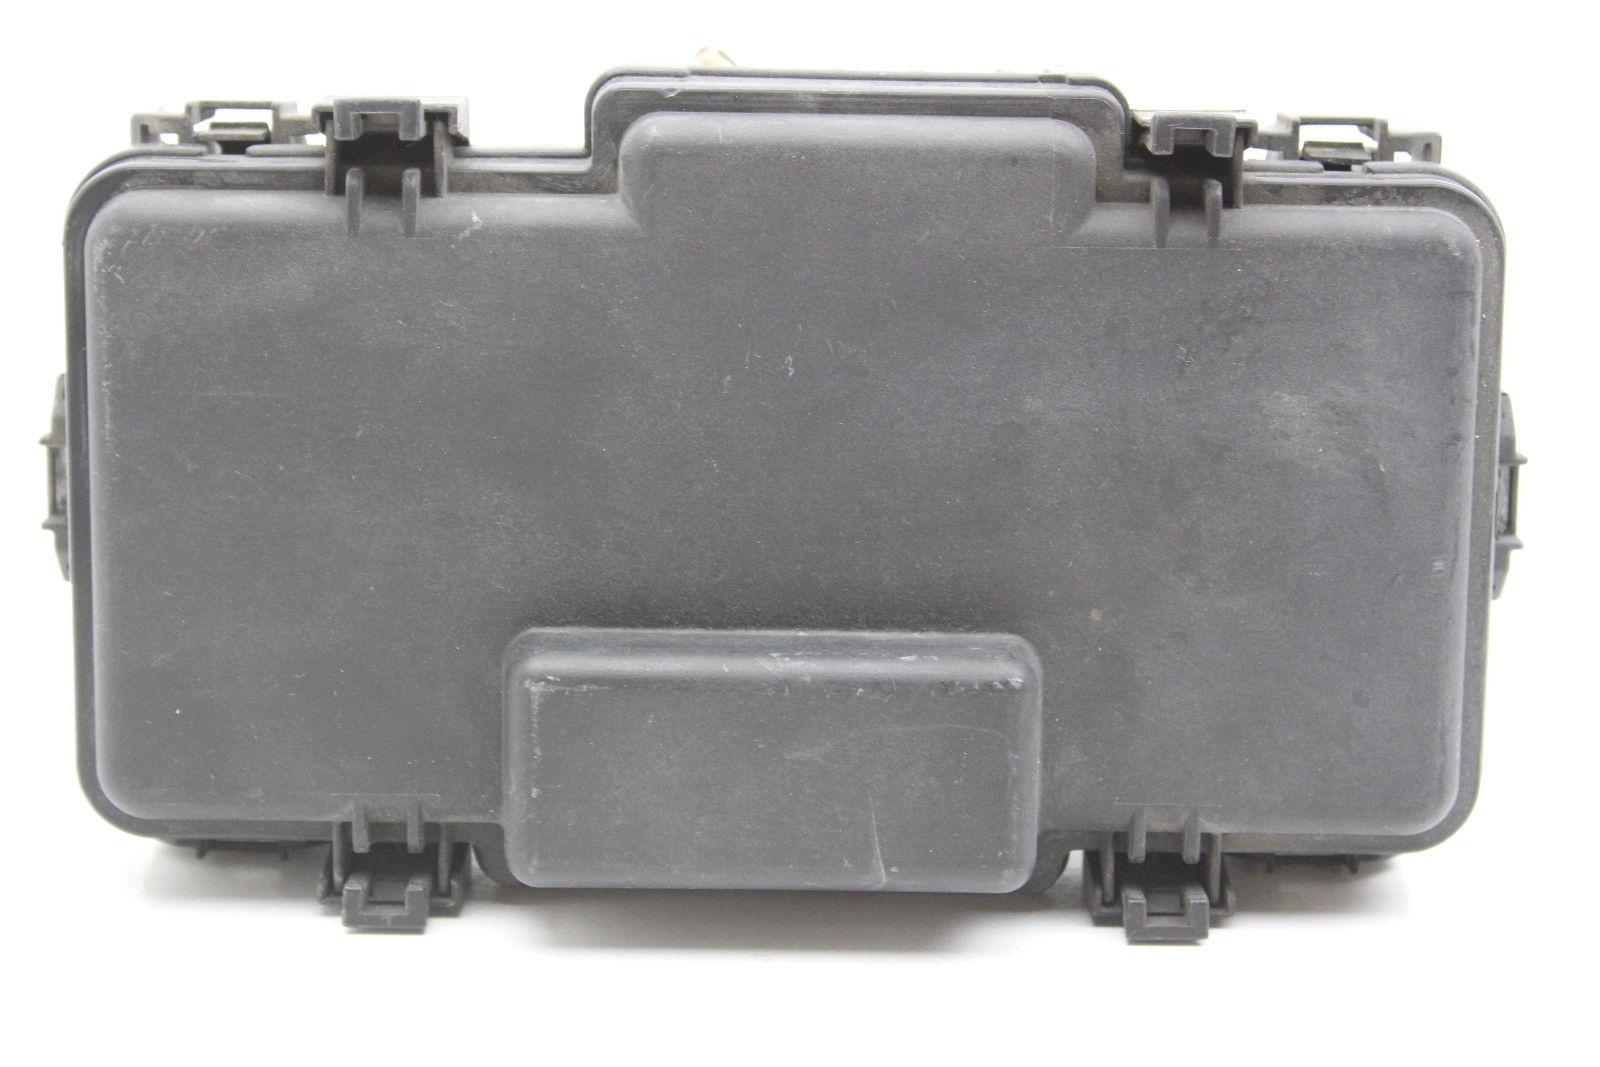 S l1600. S l1600. 01-05 Honda Civic S5A-A0 Fusebox ...